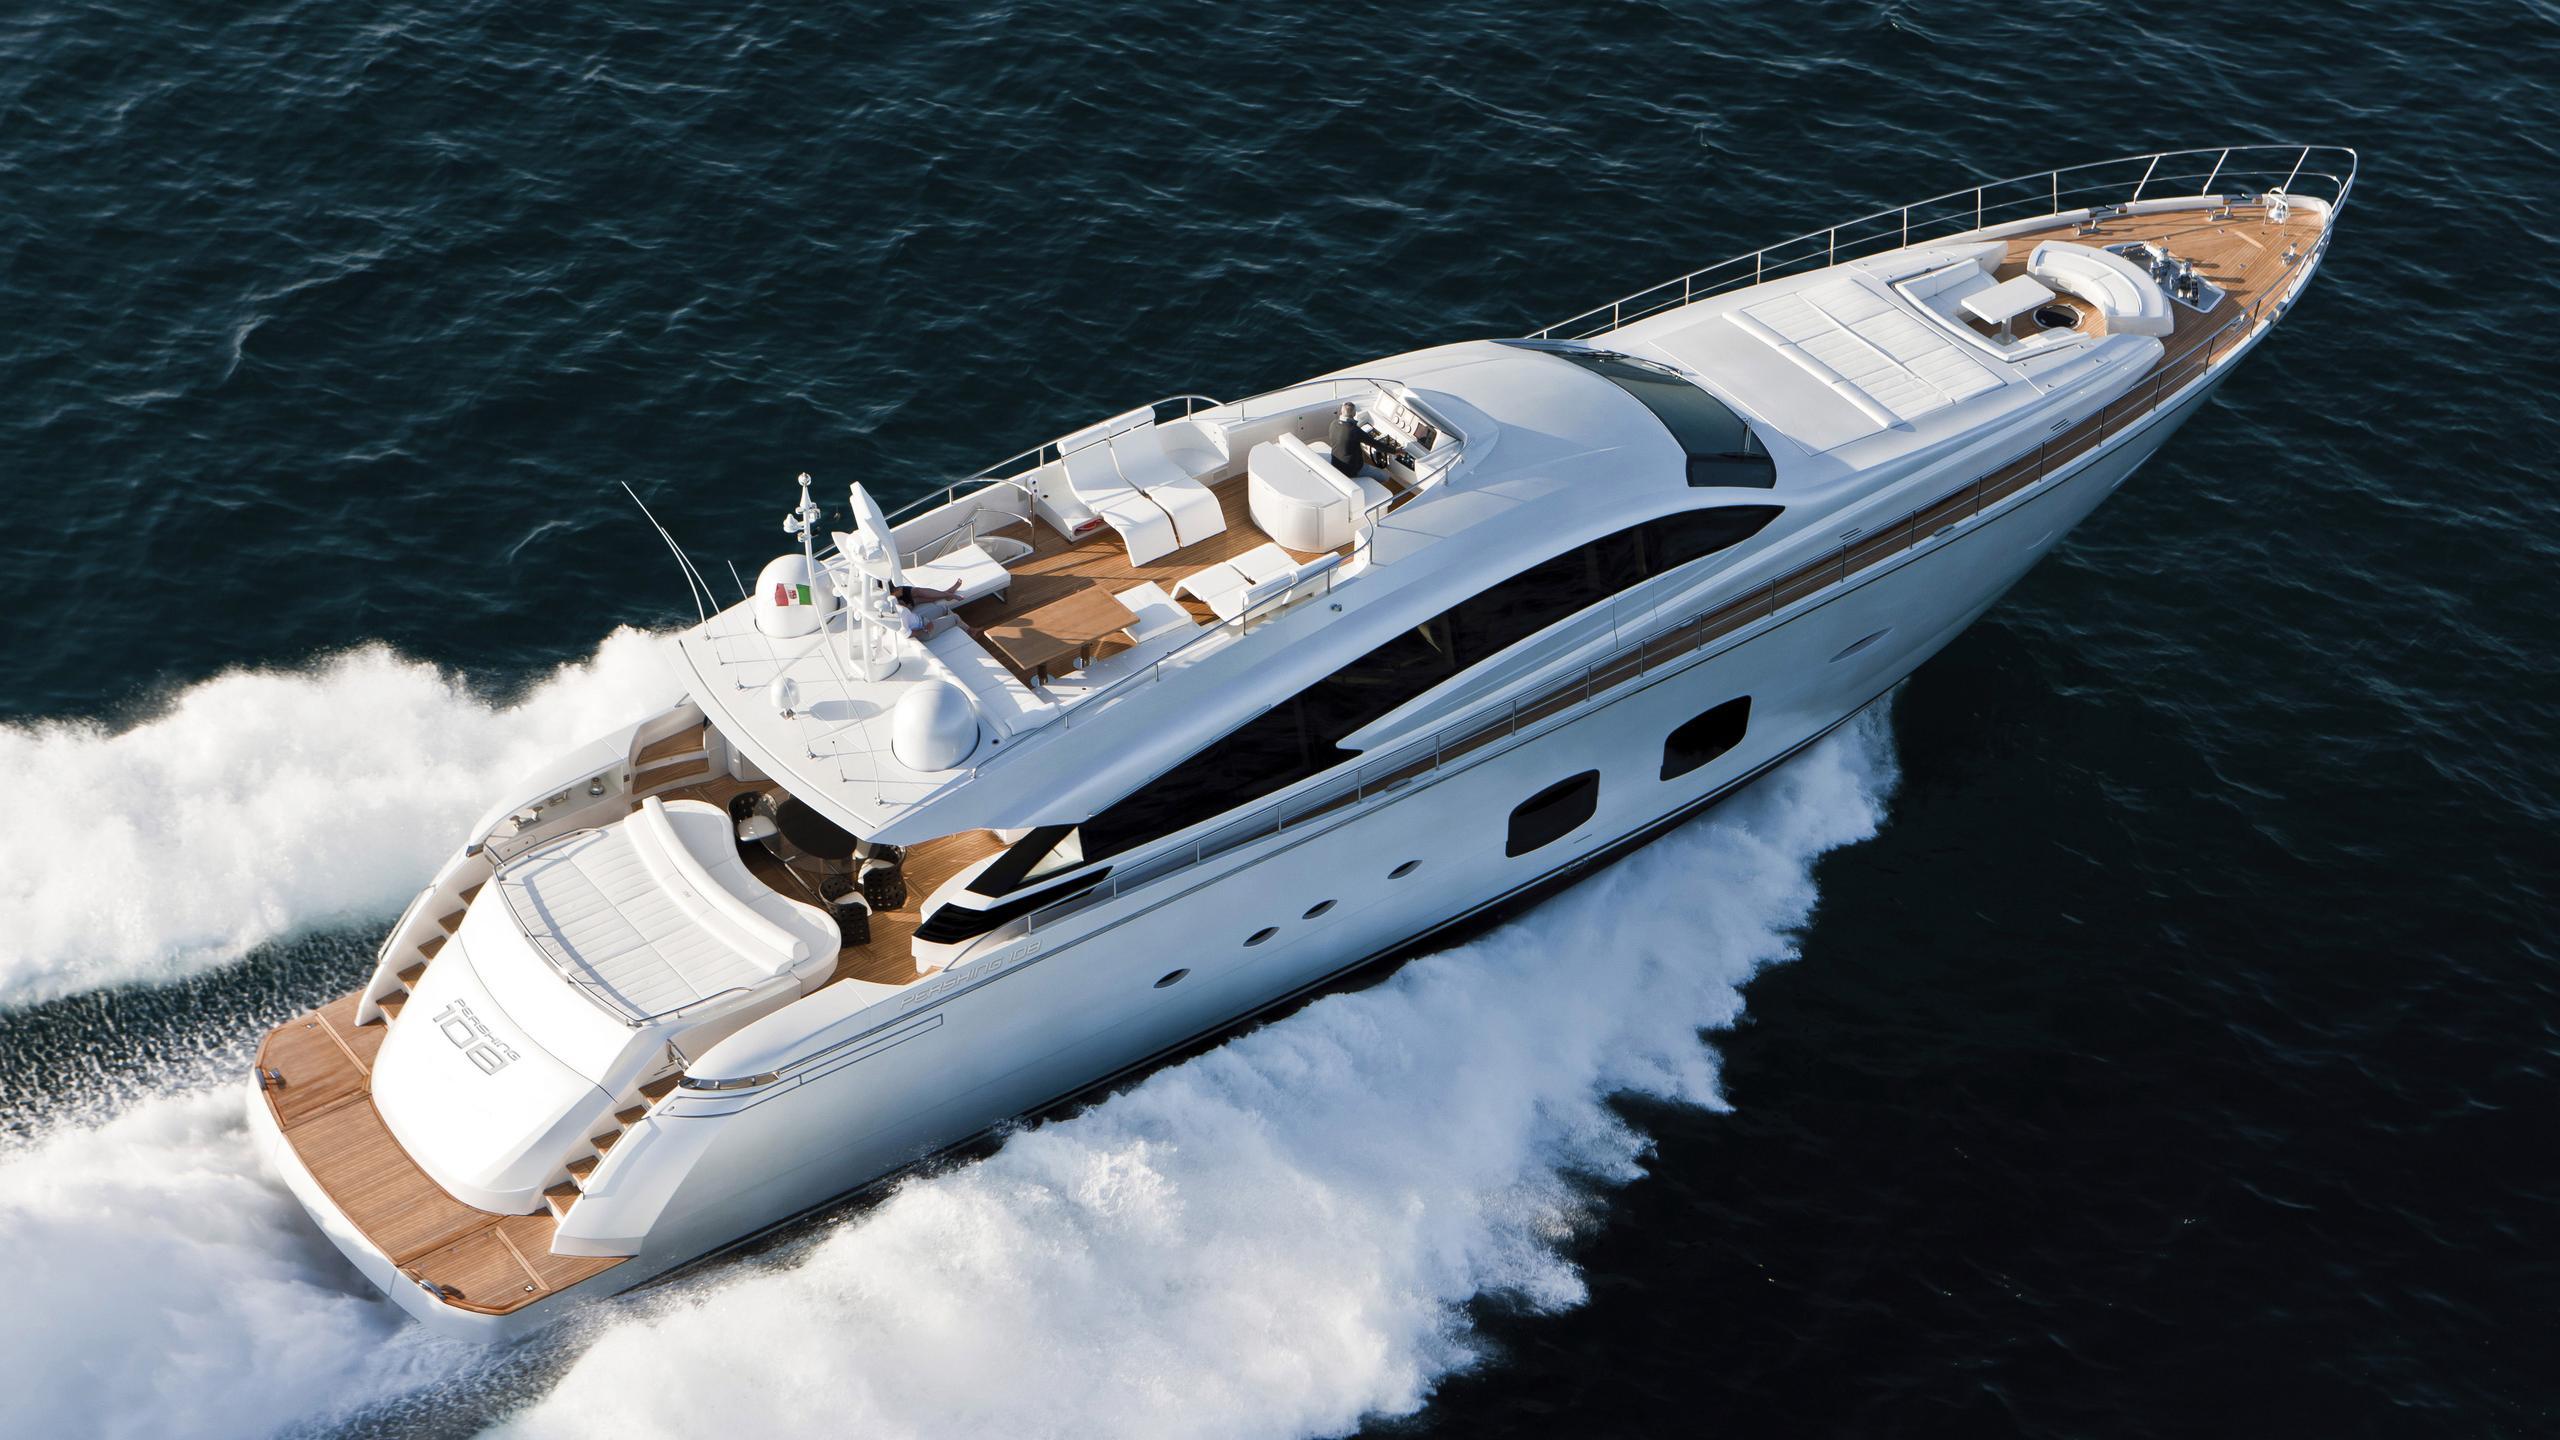 x-trem-ii-motor-yacht-pershing-108-2015-33m-aerial